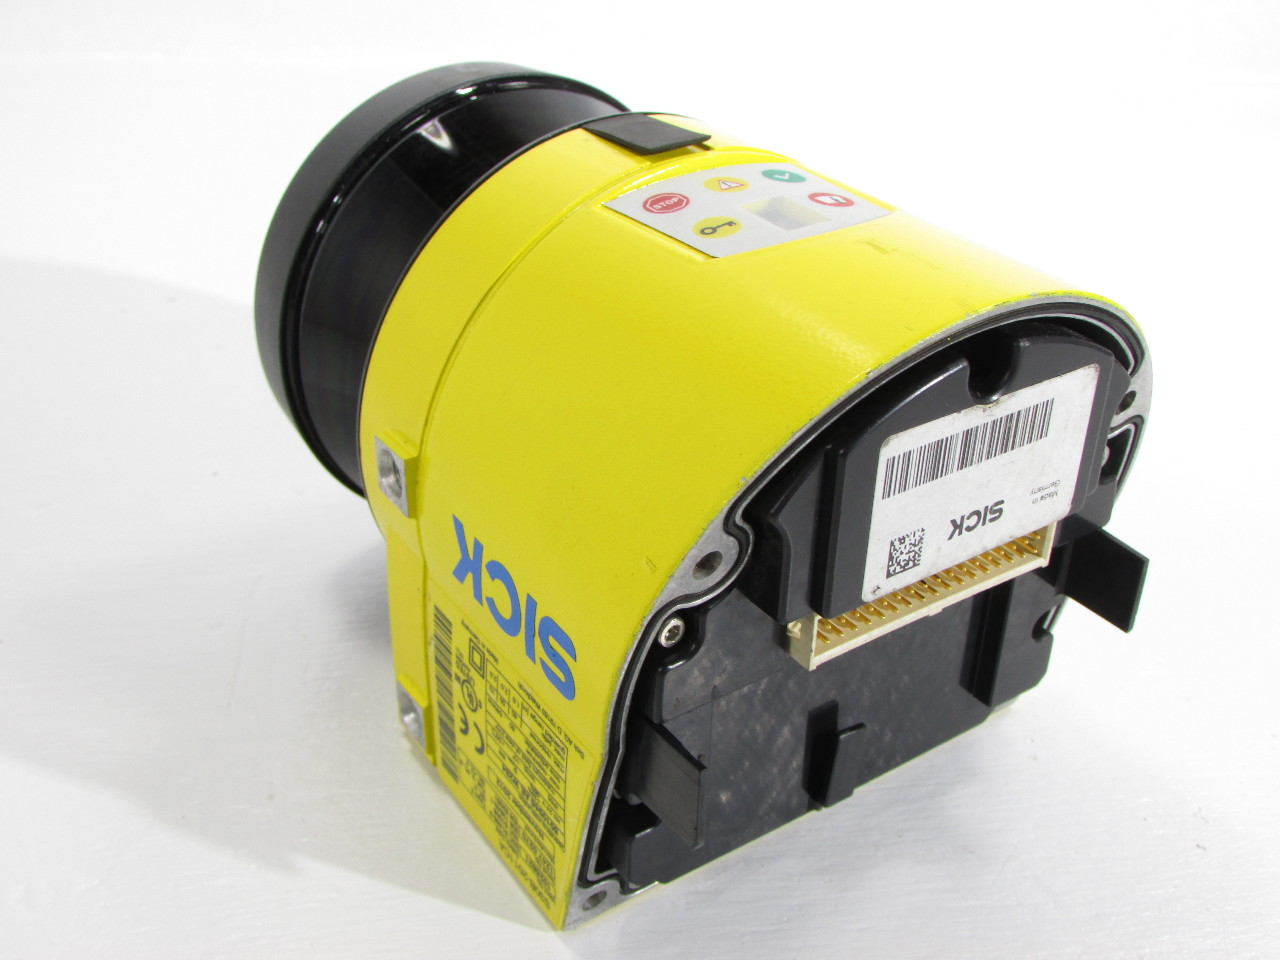 sick s30b 2011ca safety laser scanner premier equipment solutions inc. Black Bedroom Furniture Sets. Home Design Ideas